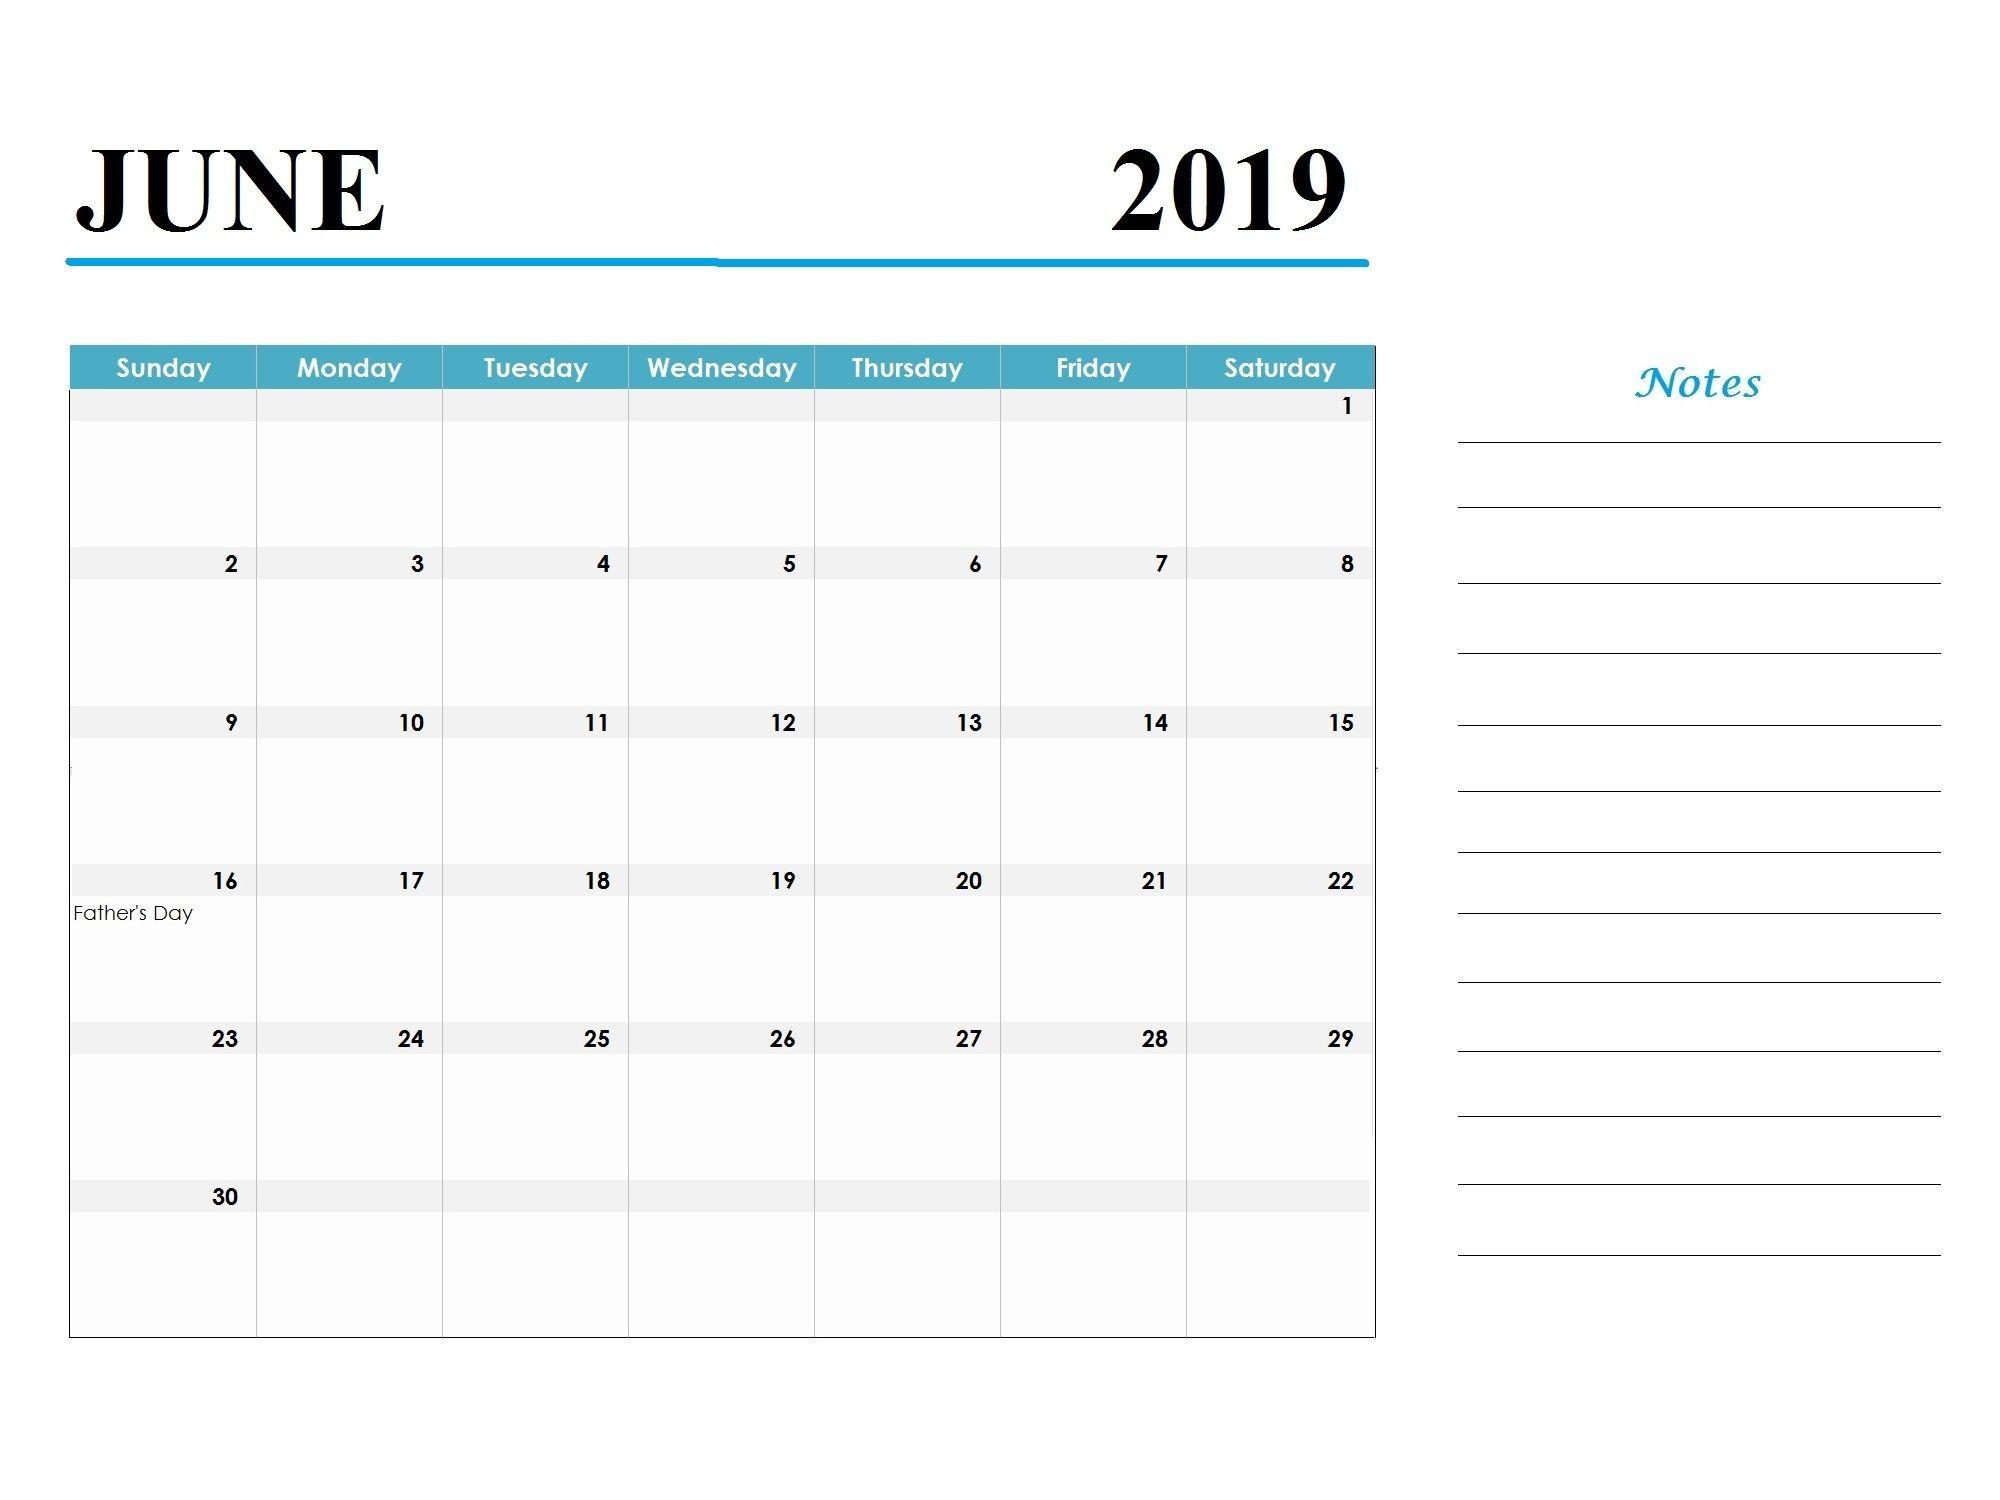 June 2019 Holidays Calendar Template